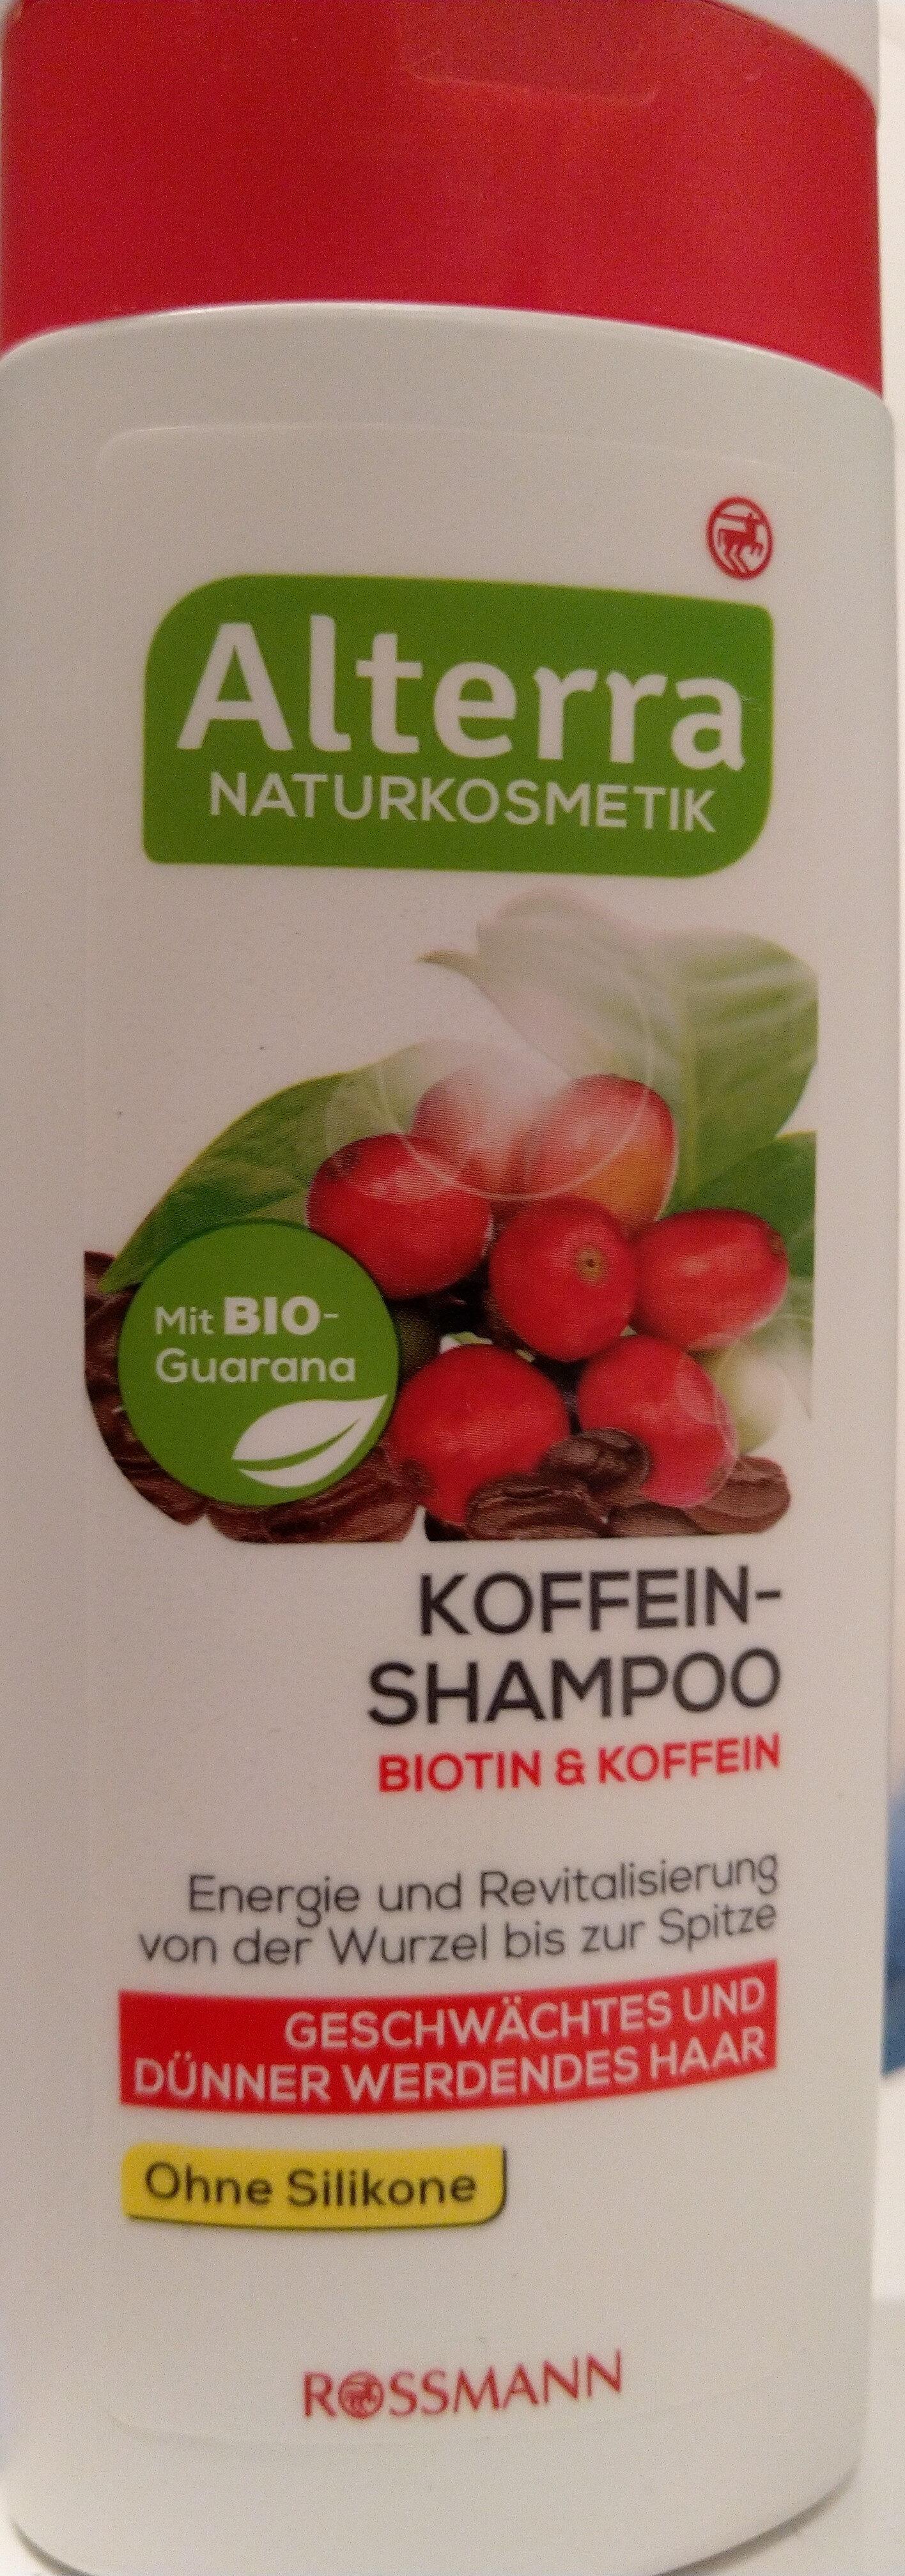 Alterra Koffein-Shampoo - Produit - de